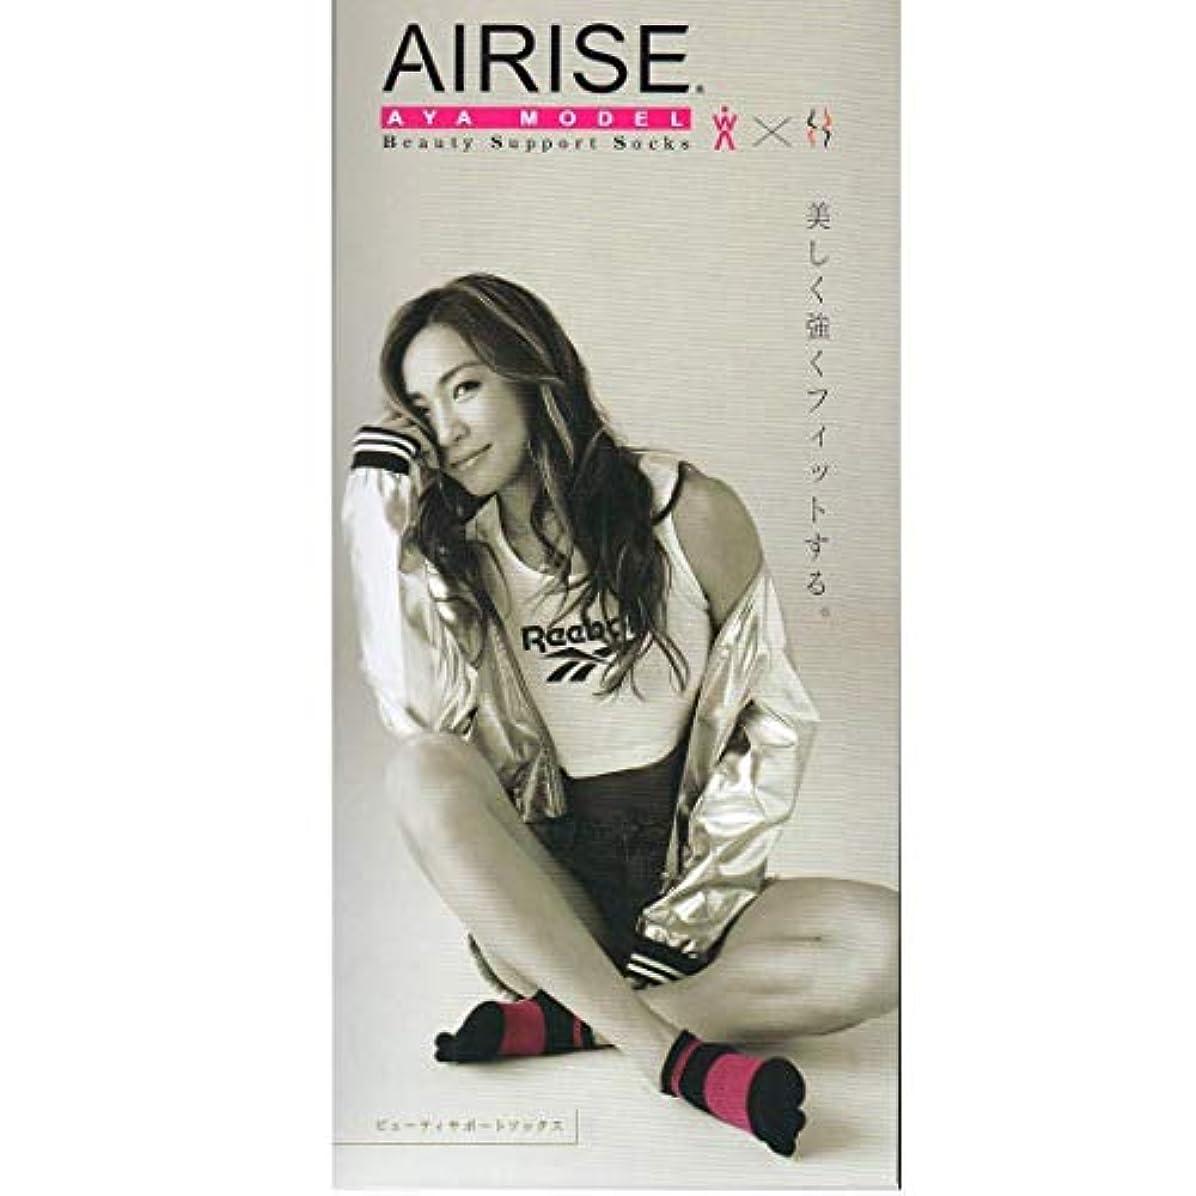 戦術申し立てられた伝説AIRISE AYA MODEL ( エアライズ アヤモデル )ビューティーサポートソックス